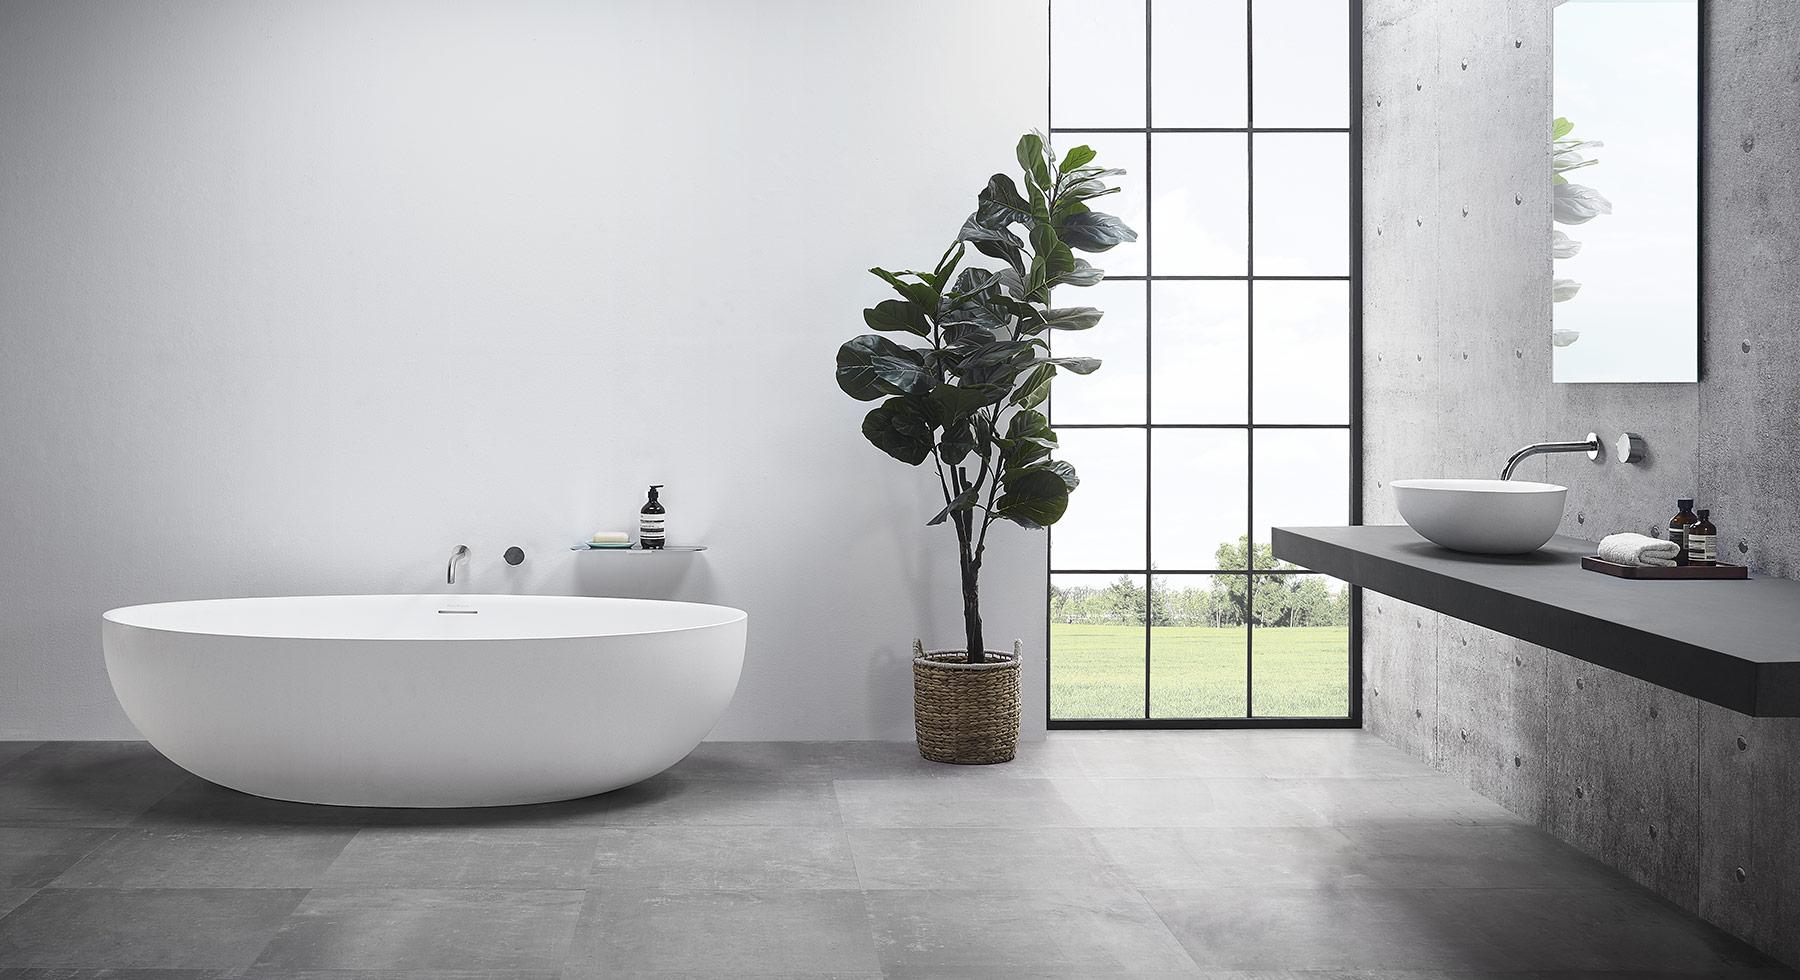 Modern Ellipse Freestanding Bathtub